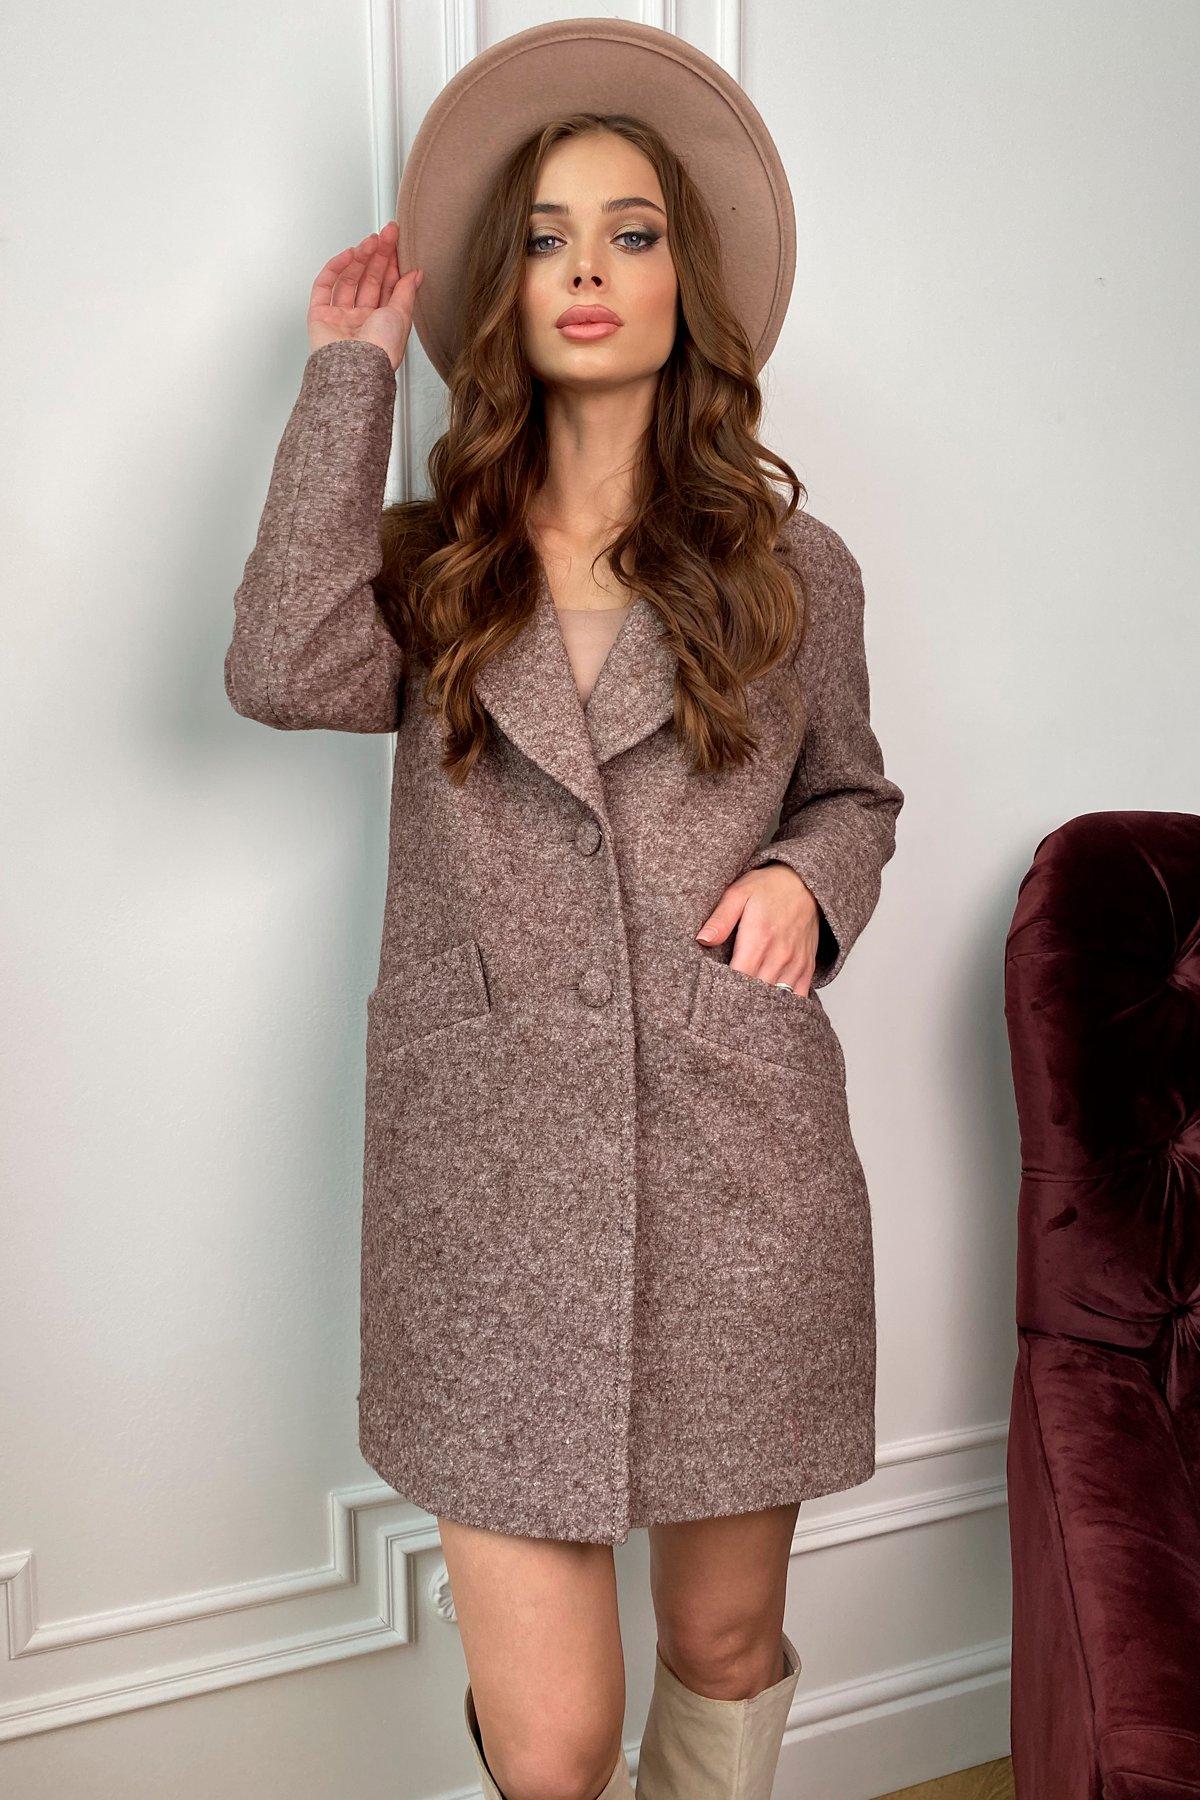 Вейсона шерсть варенка пальто 9825 АРТ. 46106 Цвет: Кофе - фото 3, интернет магазин tm-modus.ru